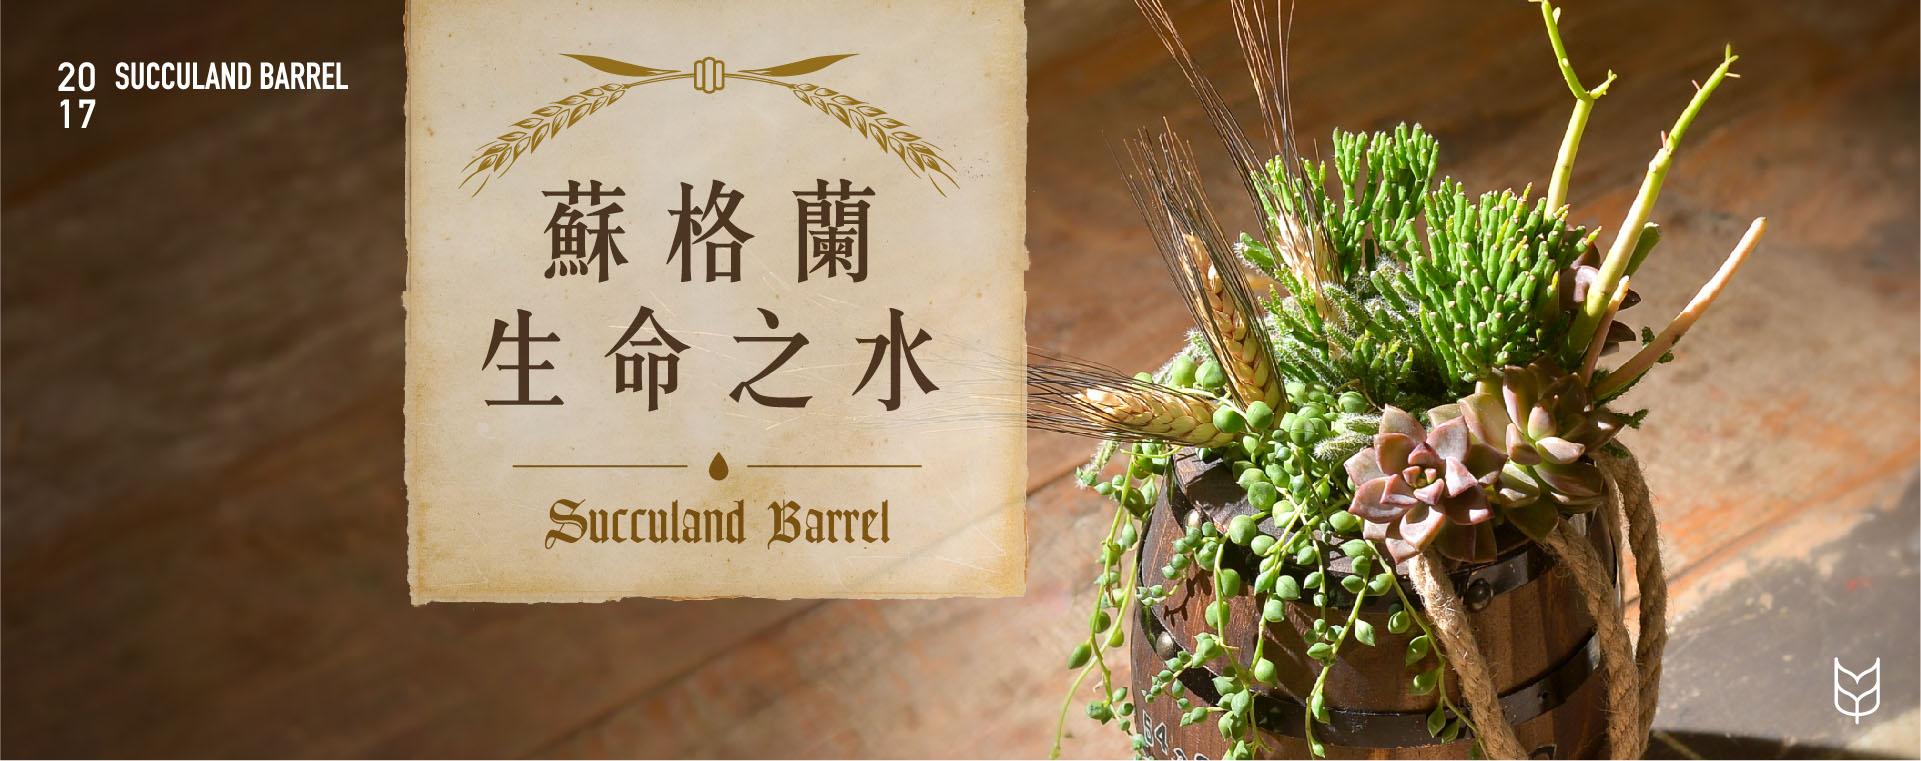 多肉組盆有肉_蘇格蘭生命之水課程簡介,具有民藝、鄉村感的手作課程,結合乾燥花材及多肉植物及特殊盆器